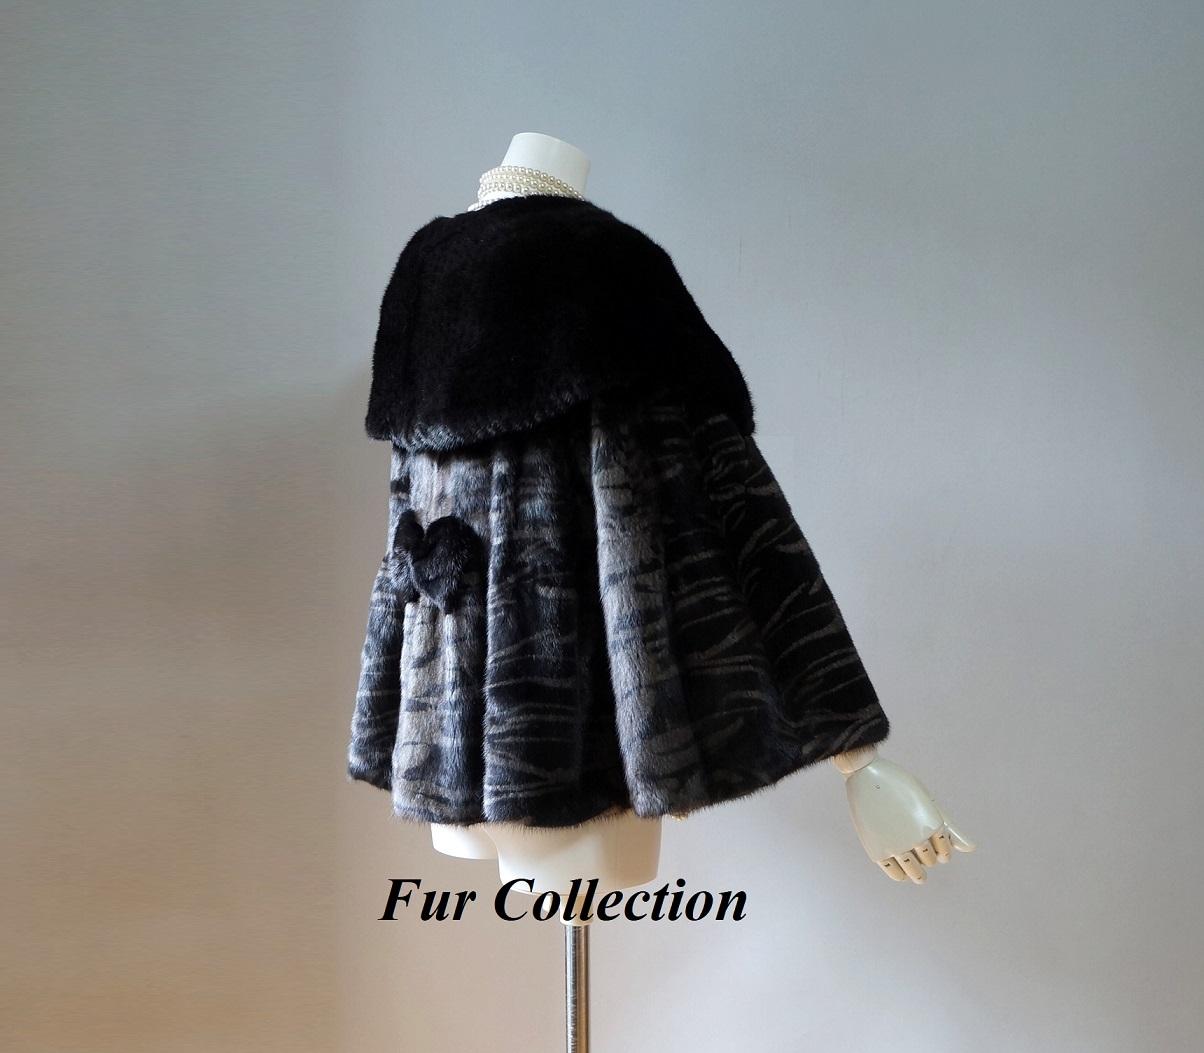 新品1点物処分毛皮コート レディース ダウンコート・チンチラコートお好きな方に ミンクのジャケット黒茶ブラウンブラック☆ミンクコートリアルファーコート・セーブル・フォックスストールシャネルグッチ・